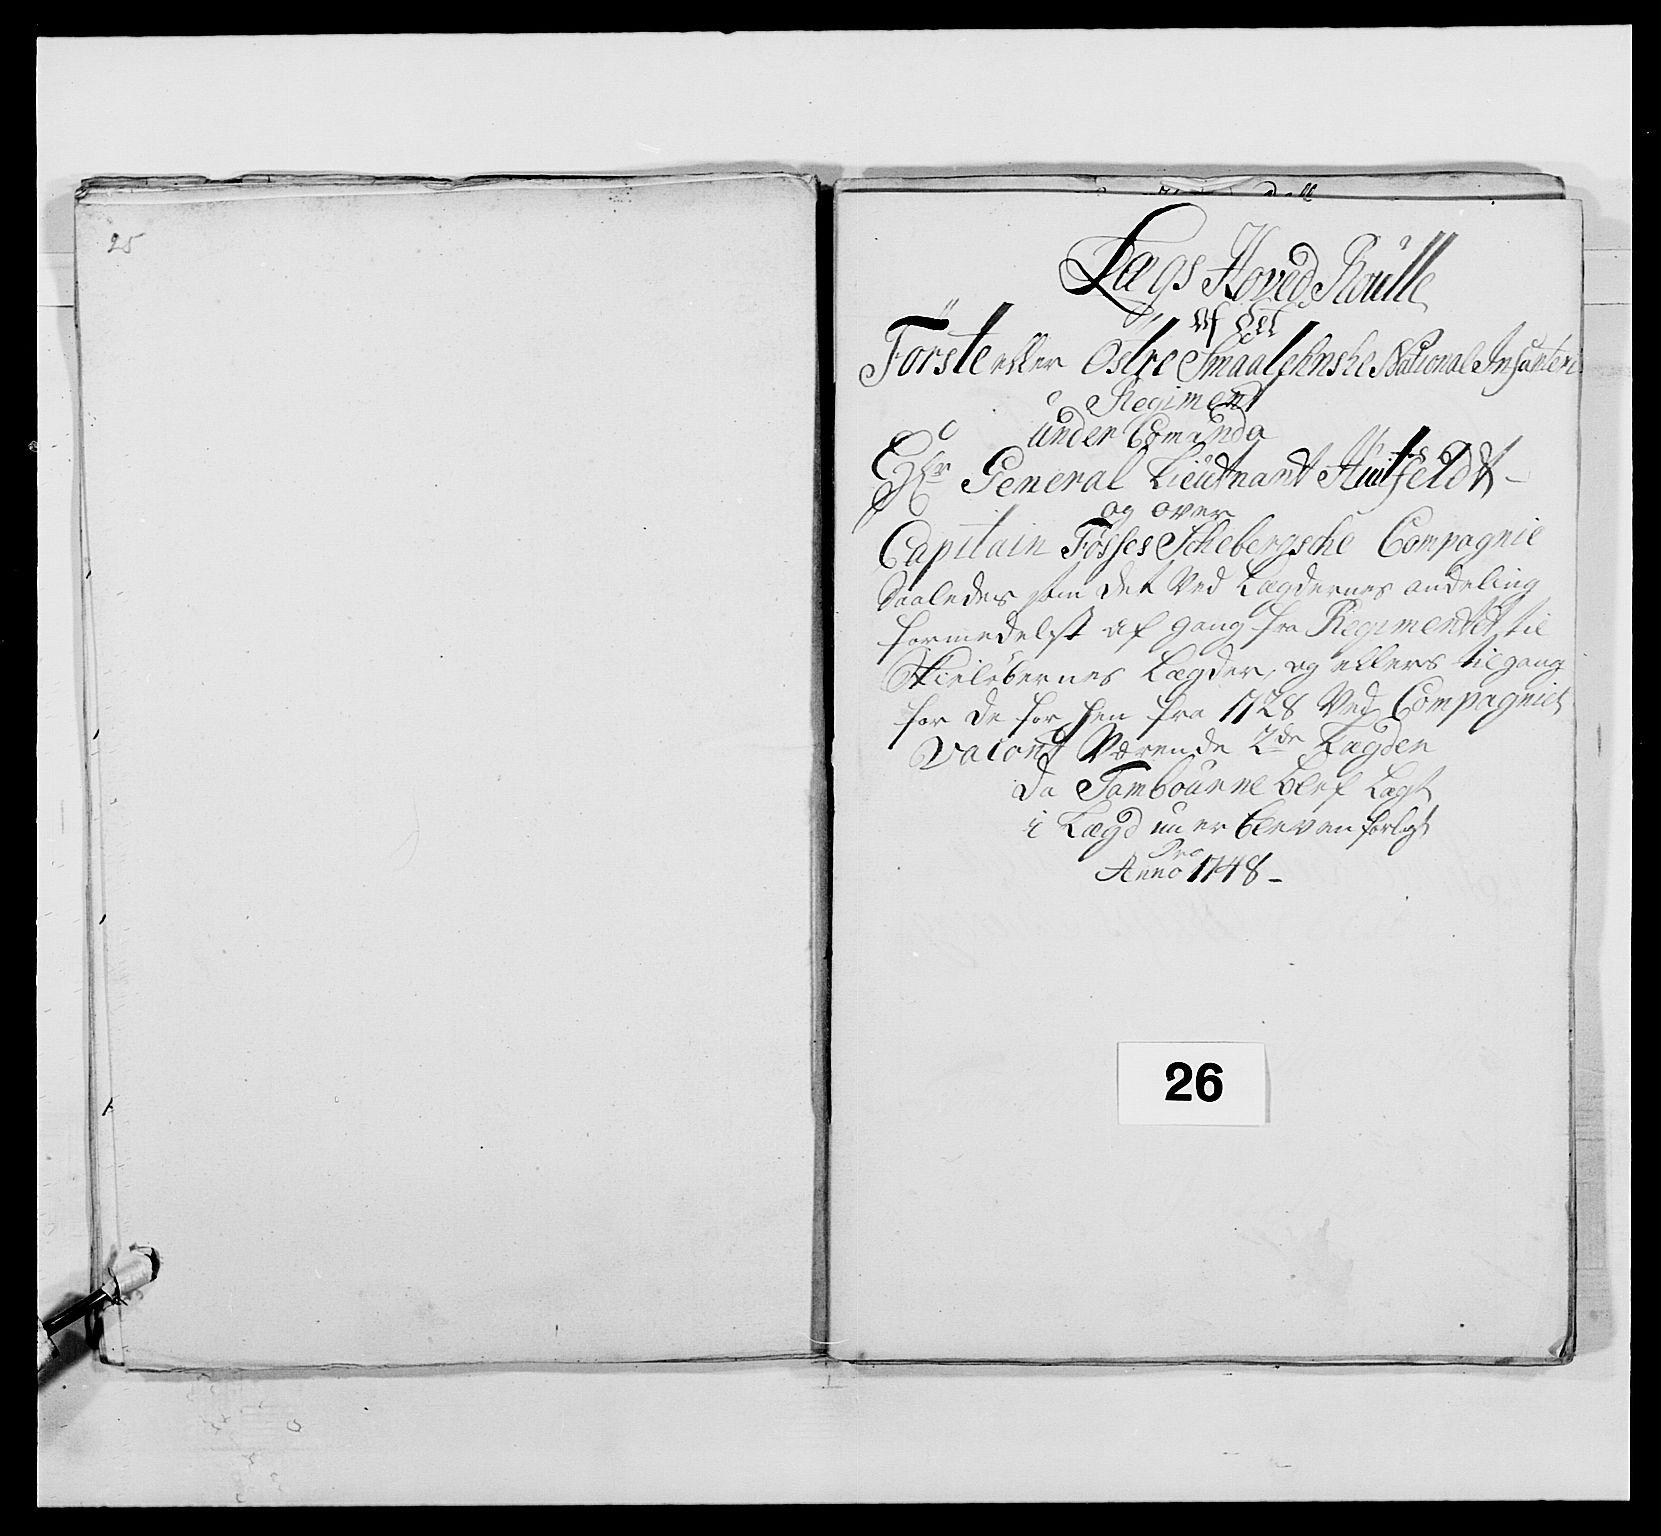 RA, Kommanderende general (KG I) med Det norske krigsdirektorium, E/Ea/L0495: 1. Smålenske regiment, 1732-1763, s. 386